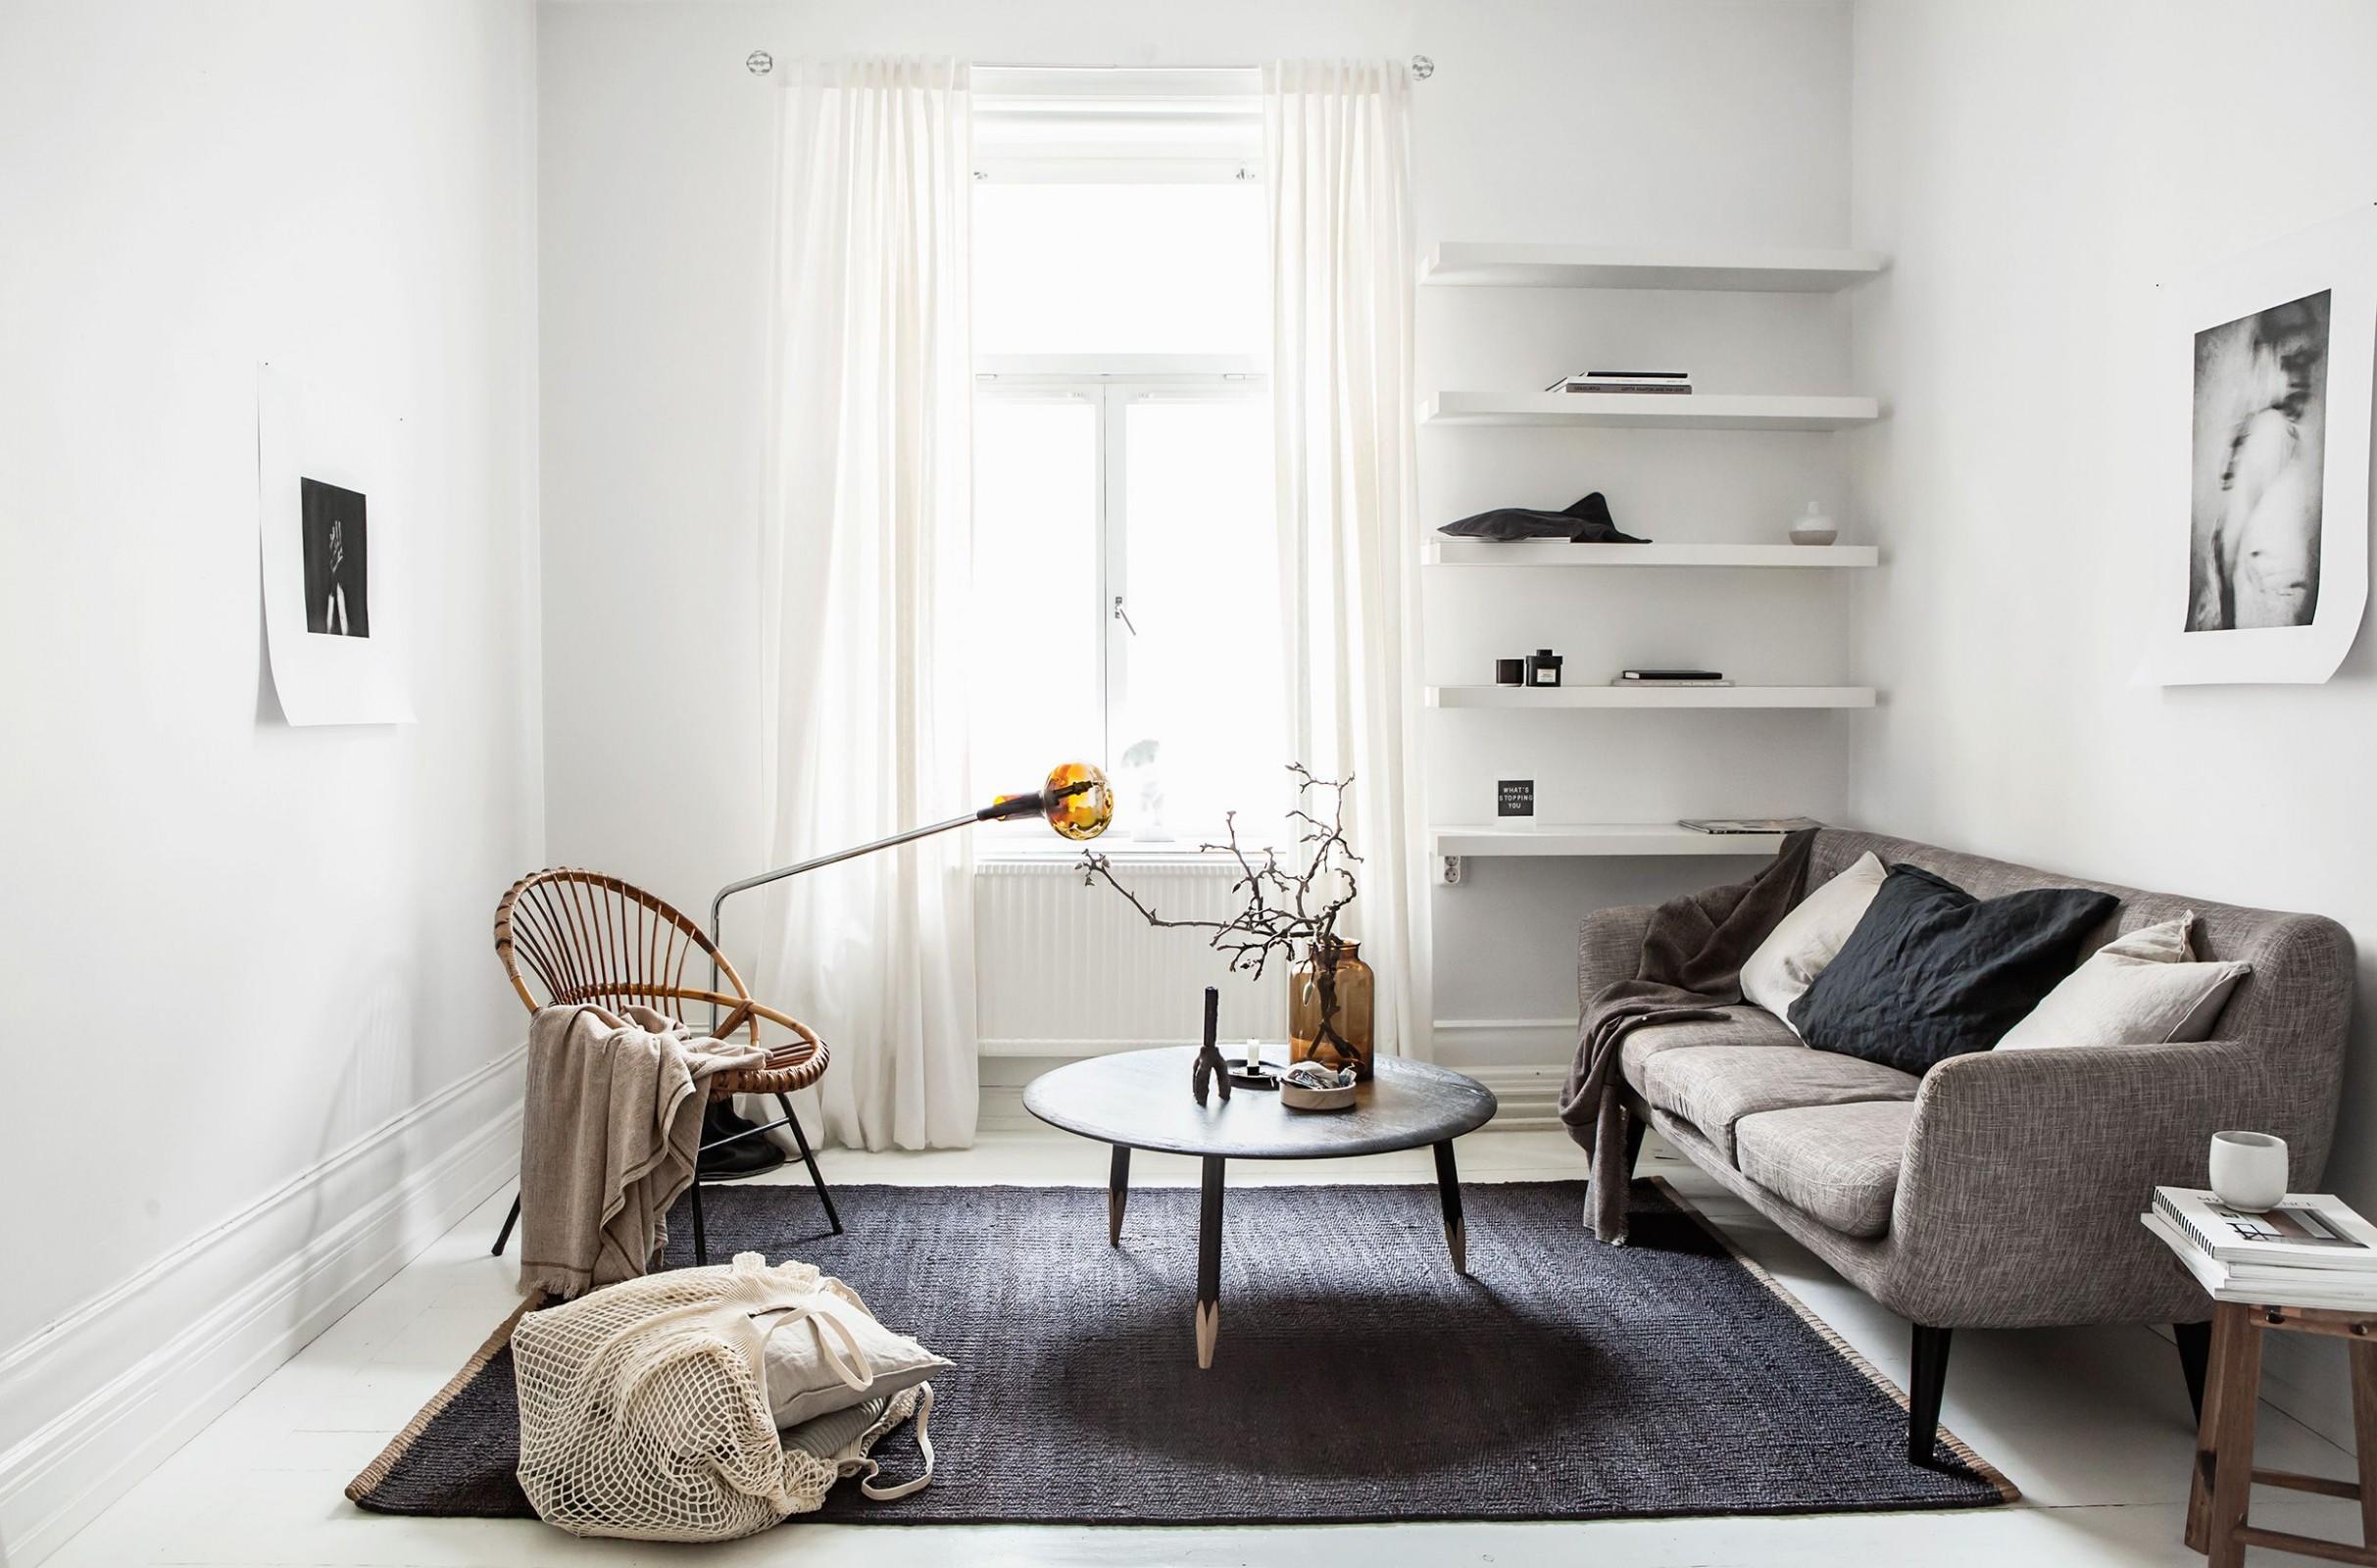 9 Stylish Minimalist Living Room Ideas - Modern Living Room  - Minimalist Apartment Decor Ideas